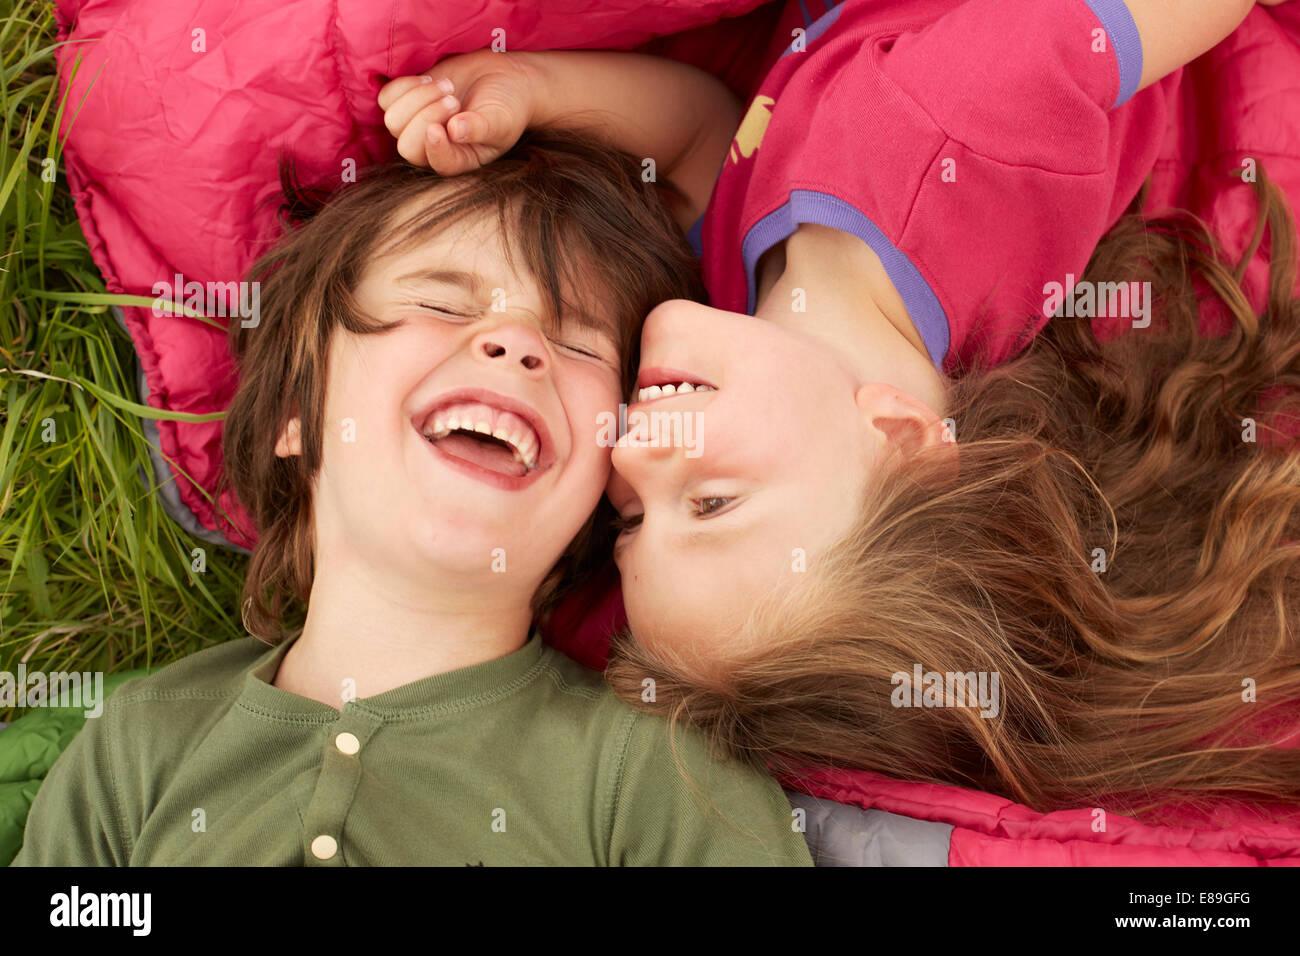 Garçon et fille riant tout en jetant sur les sacs de couchage Photo Stock